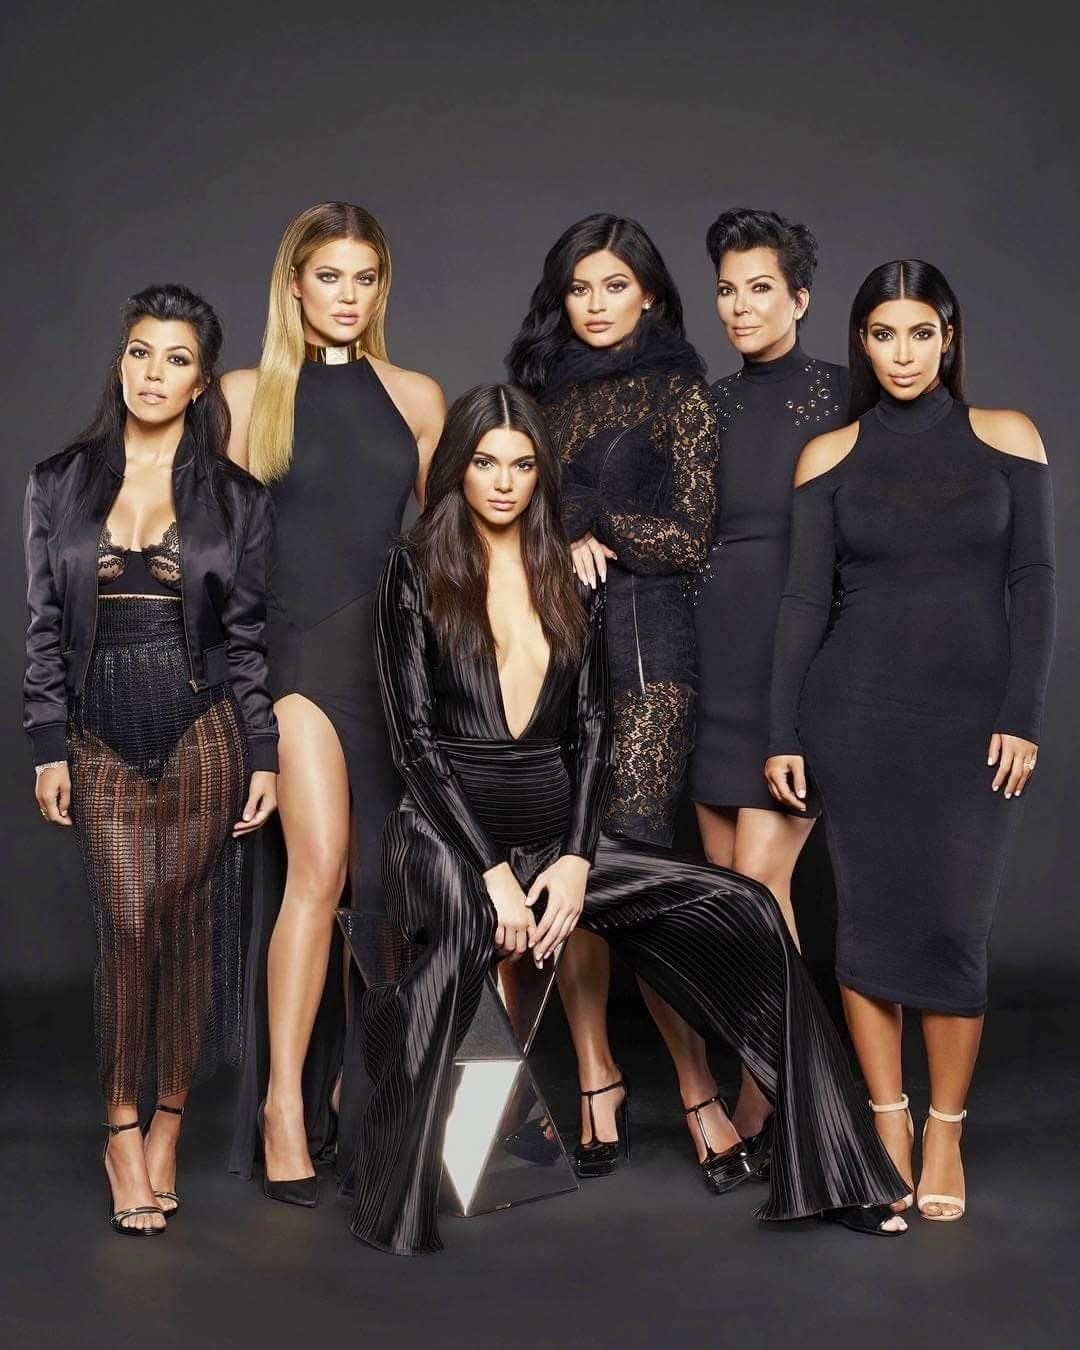 Pin Ot Polzovatelya Yasmeen Abubakar Na Doske Kardashians Modeli Hloi Kardashyan Fotosessii Sester